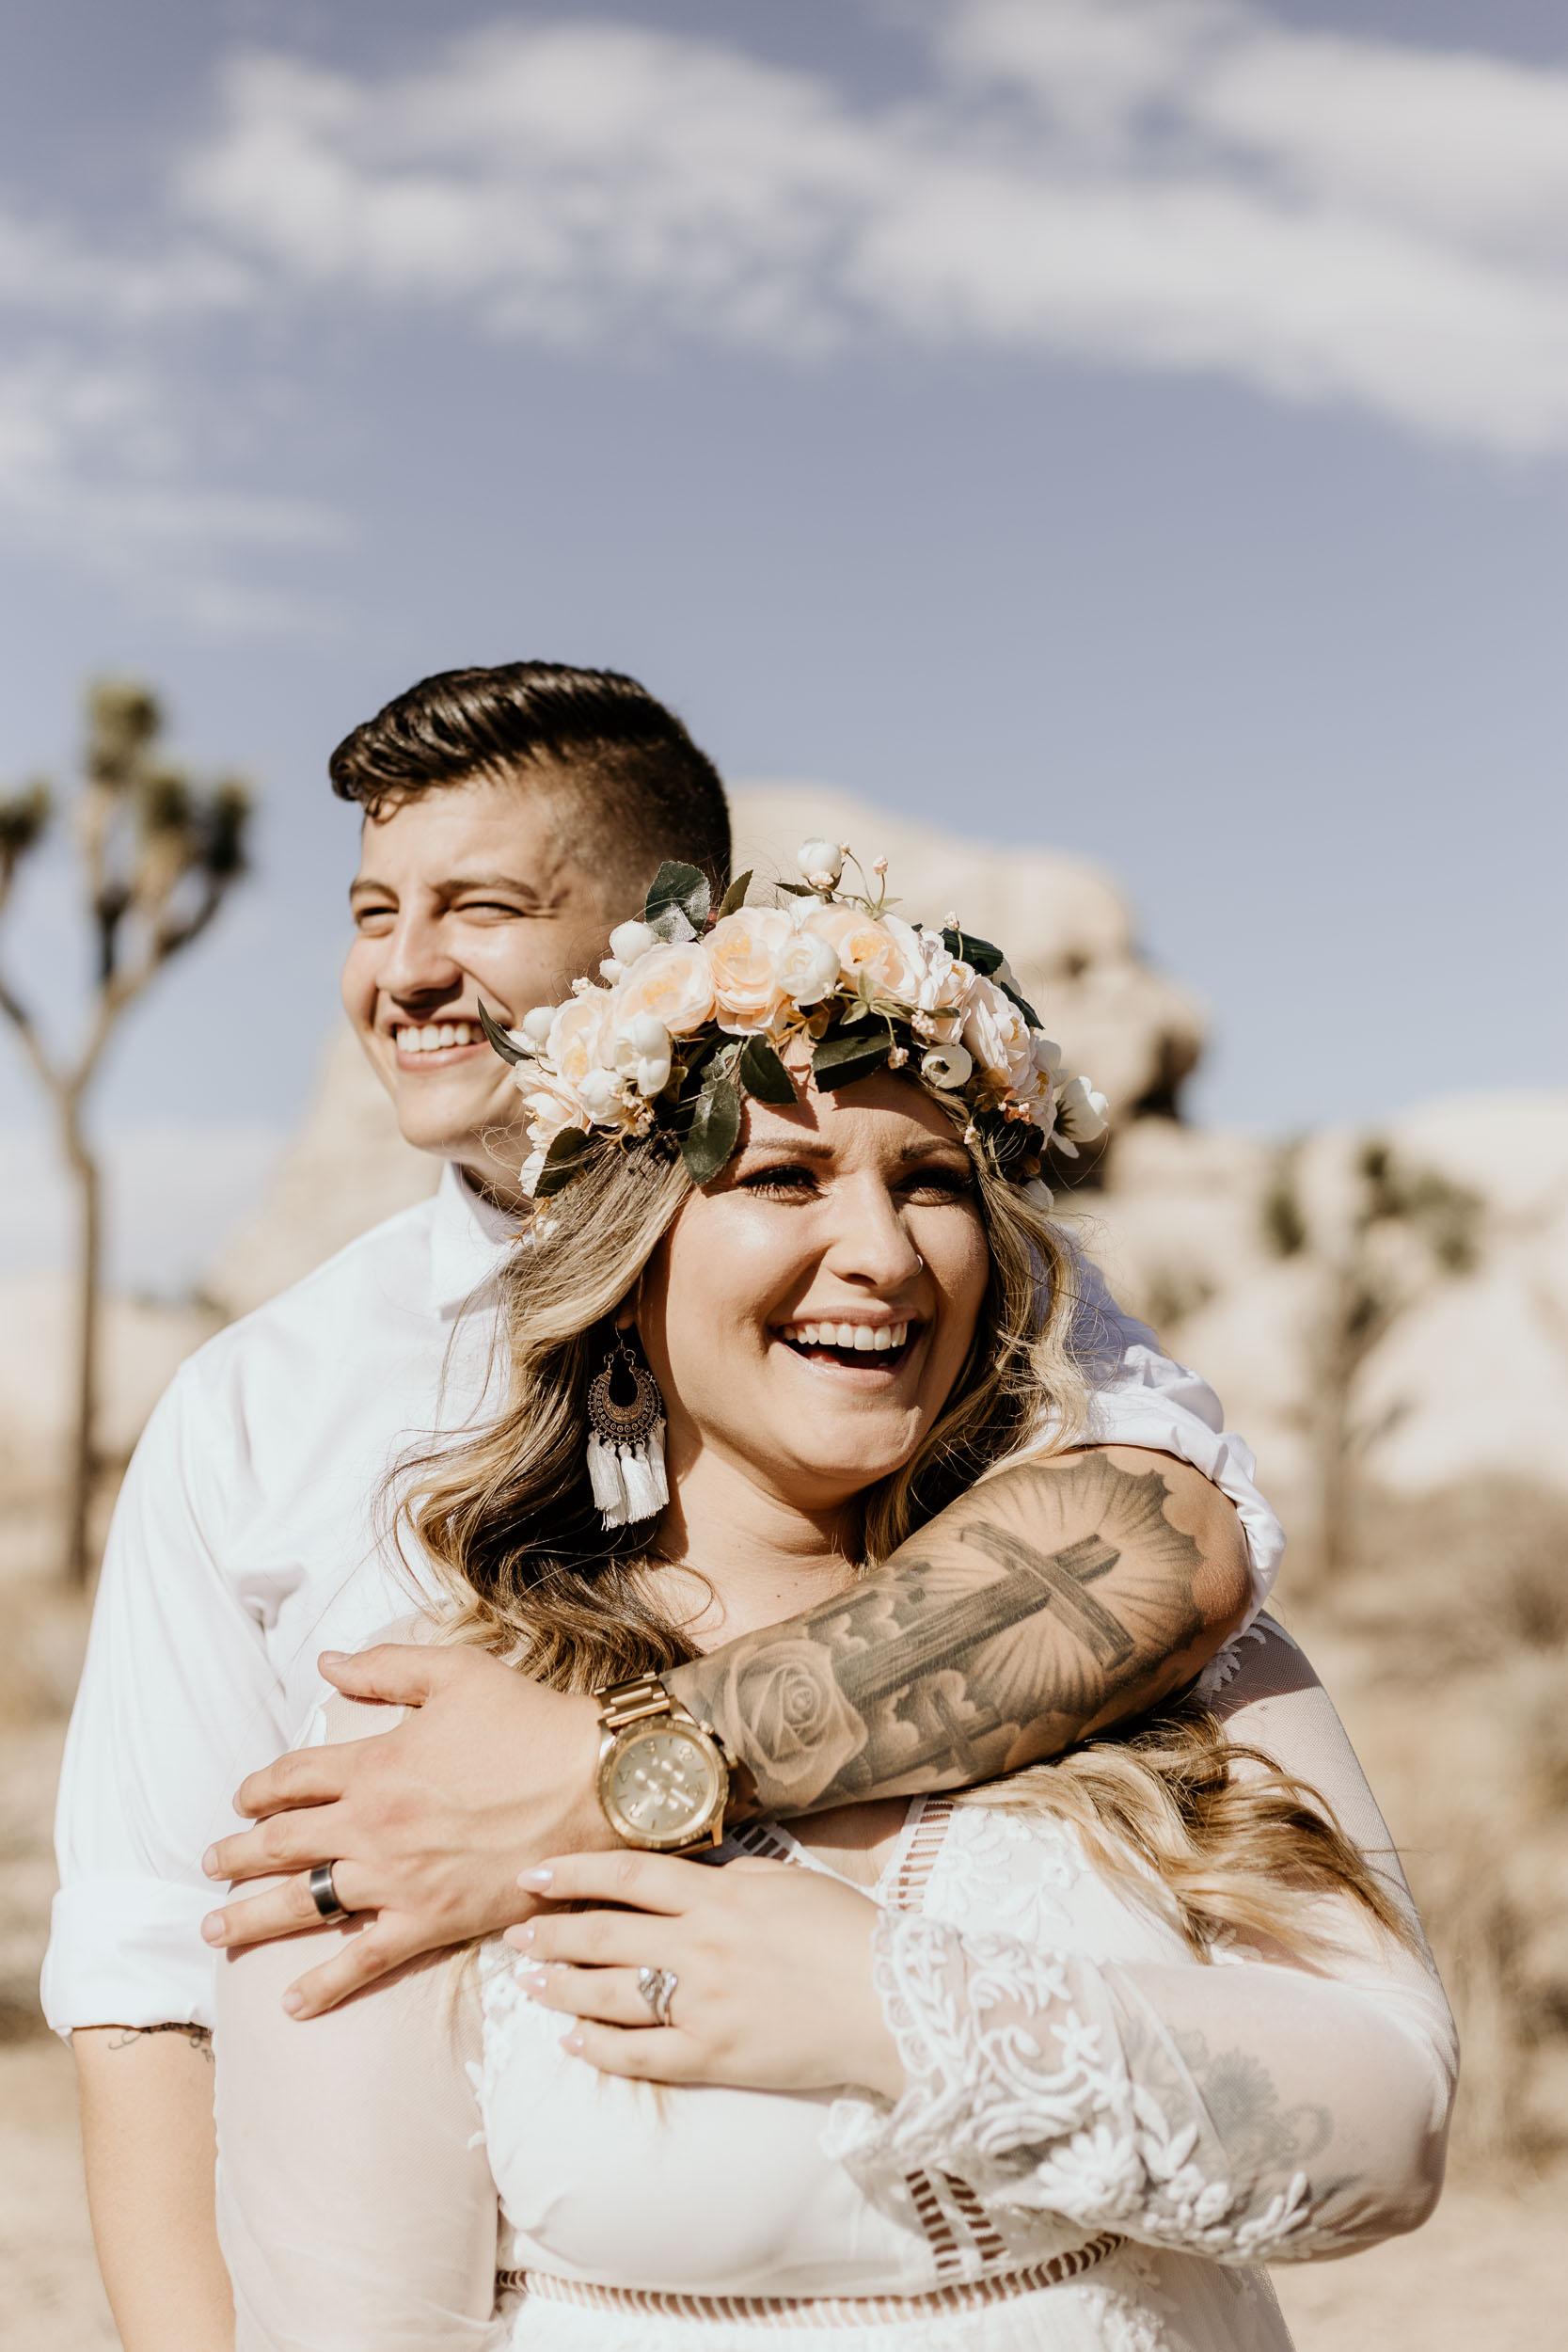 intimate-wedding-elopement-photographer-ottawa-joshua-tree-0410.jpg